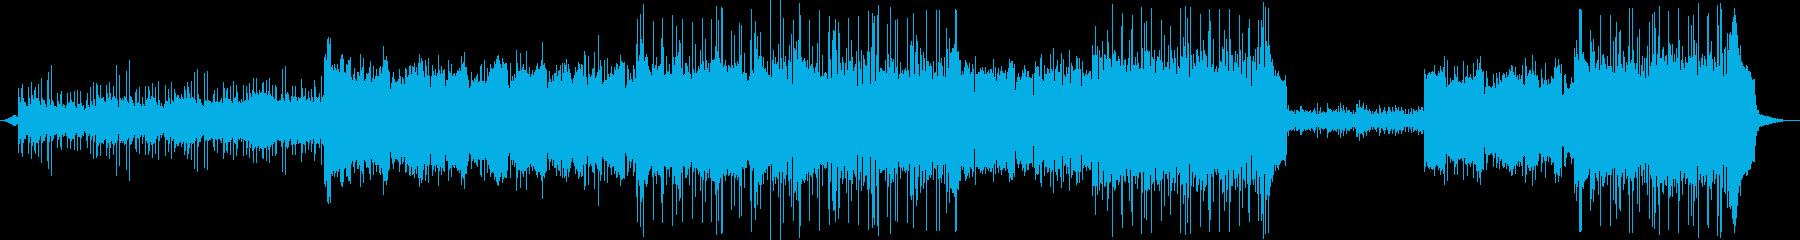 ゆったりとしたポップス曲の再生済みの波形